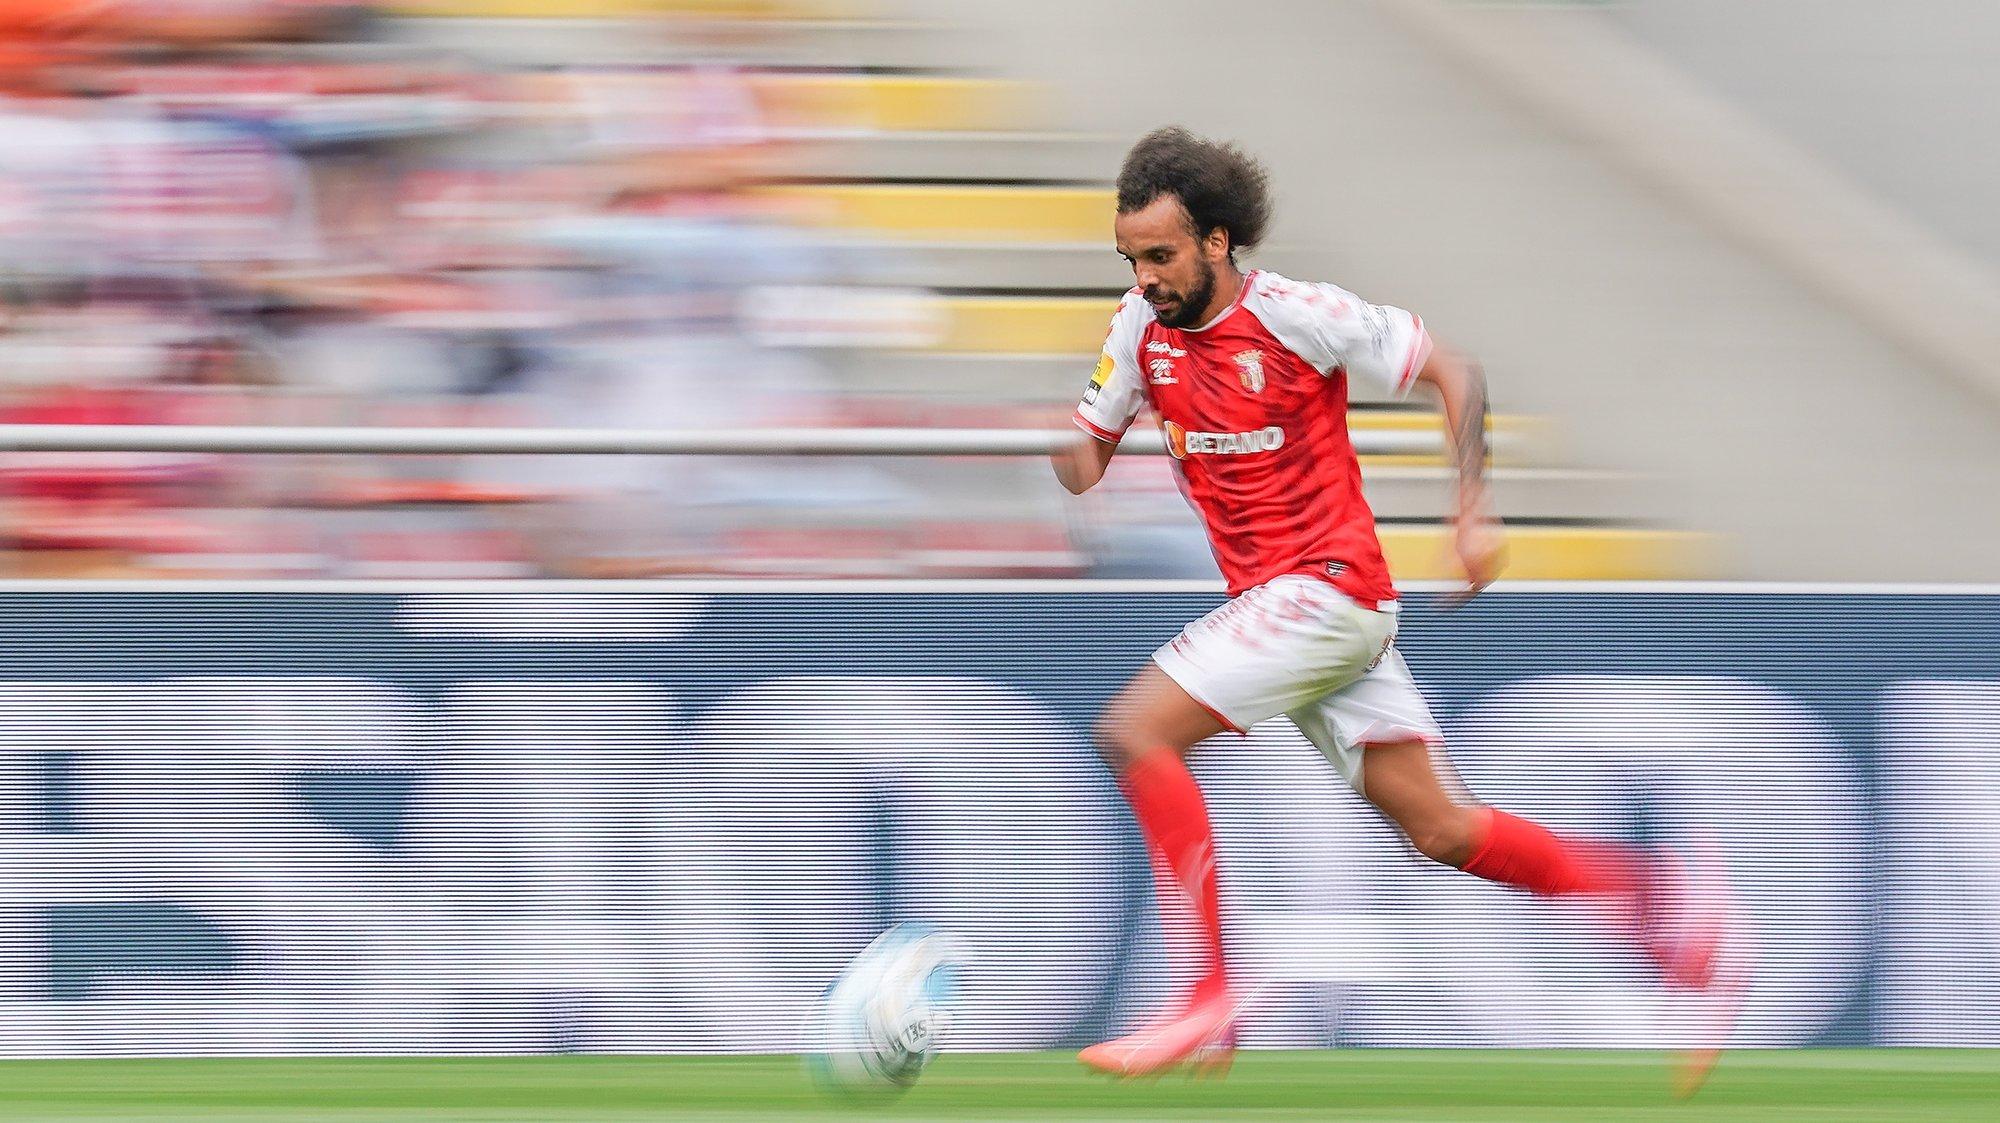 Fábio Martins do Sporting de Braga em ação contra o Vitória de Guimarães  durante o jogo da quarta jornada a contar para a Primeira Liga de Futebol  realizado no Estádio Municipal de Braga, 29 Agosto 2021. HUGO DELGADO/LUSA